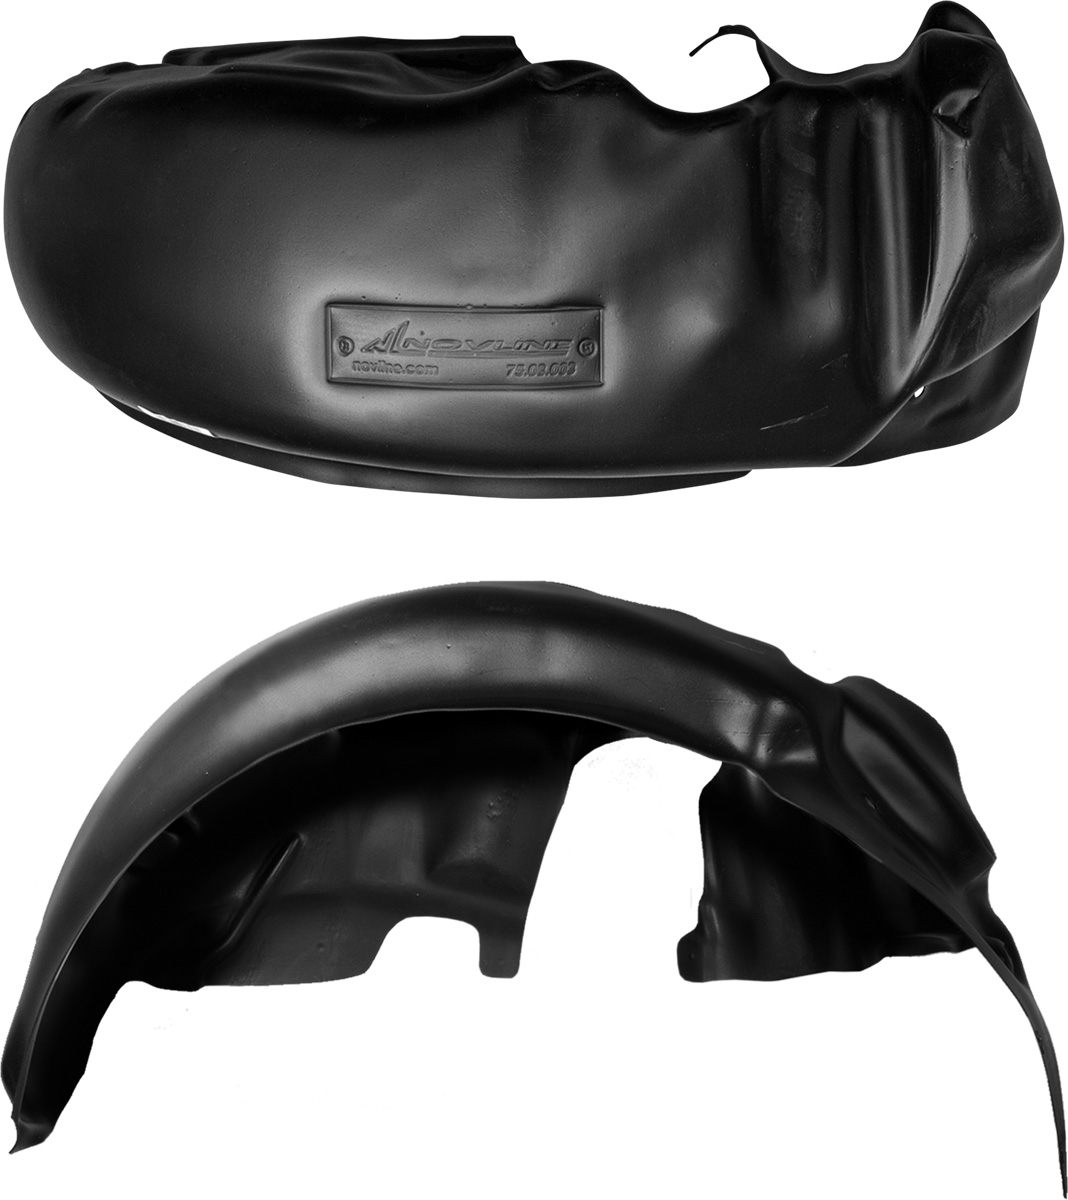 Подкрылок Novline-Autofamily, для Lada Priora, 2007 ->, задний правыйNLL.52.16.004Колесные ниши - одни из самых уязвимых зон днища вашего автомобиля. Они постоянно подвергаются воздействию со стороны дороги. Лучшая, почти абсолютная защита для них - специально отформованные пластиковые кожухи, которые называются подкрылками. Производятся они как для отечественных моделей автомобилей, так и для иномарок. Подкрылки Novline-Autofamily выполнены из высококачественного, экологически чистого пластика. Обеспечивают надежную защиту кузова автомобиля от пескоструйного эффекта и негативного влияния, агрессивных антигололедных реагентов. Пластик обладает более низкой теплопроводностью, чем металл, поэтому в зимний период эксплуатации использование пластиковых подкрылков позволяет лучше защитить колесные ниши от налипания снега и образования наледи. Оригинальность конструкции подчеркивает элегантность автомобиля, бережно защищает нанесенное на днище кузова антикоррозийное покрытие и позволяет осуществить крепление подкрылков внутри колесной арки практически без дополнительного крепежа и сверления, не нарушая при этом лакокрасочного покрытия, что предотвращает возникновение новых очагов коррозии. Подкрылки долговечны, обладают высокой прочностью и сохраняют заданную форму, а также все свои физико-механические характеристики в самых тяжелых климатических условиях (от -50°С до +50°С).Уважаемые клиенты!Обращаем ваше внимание, на тот факт, что подкрылок имеет форму, соответствующую модели данного автомобиля. Фото служит для визуального восприятия товара.